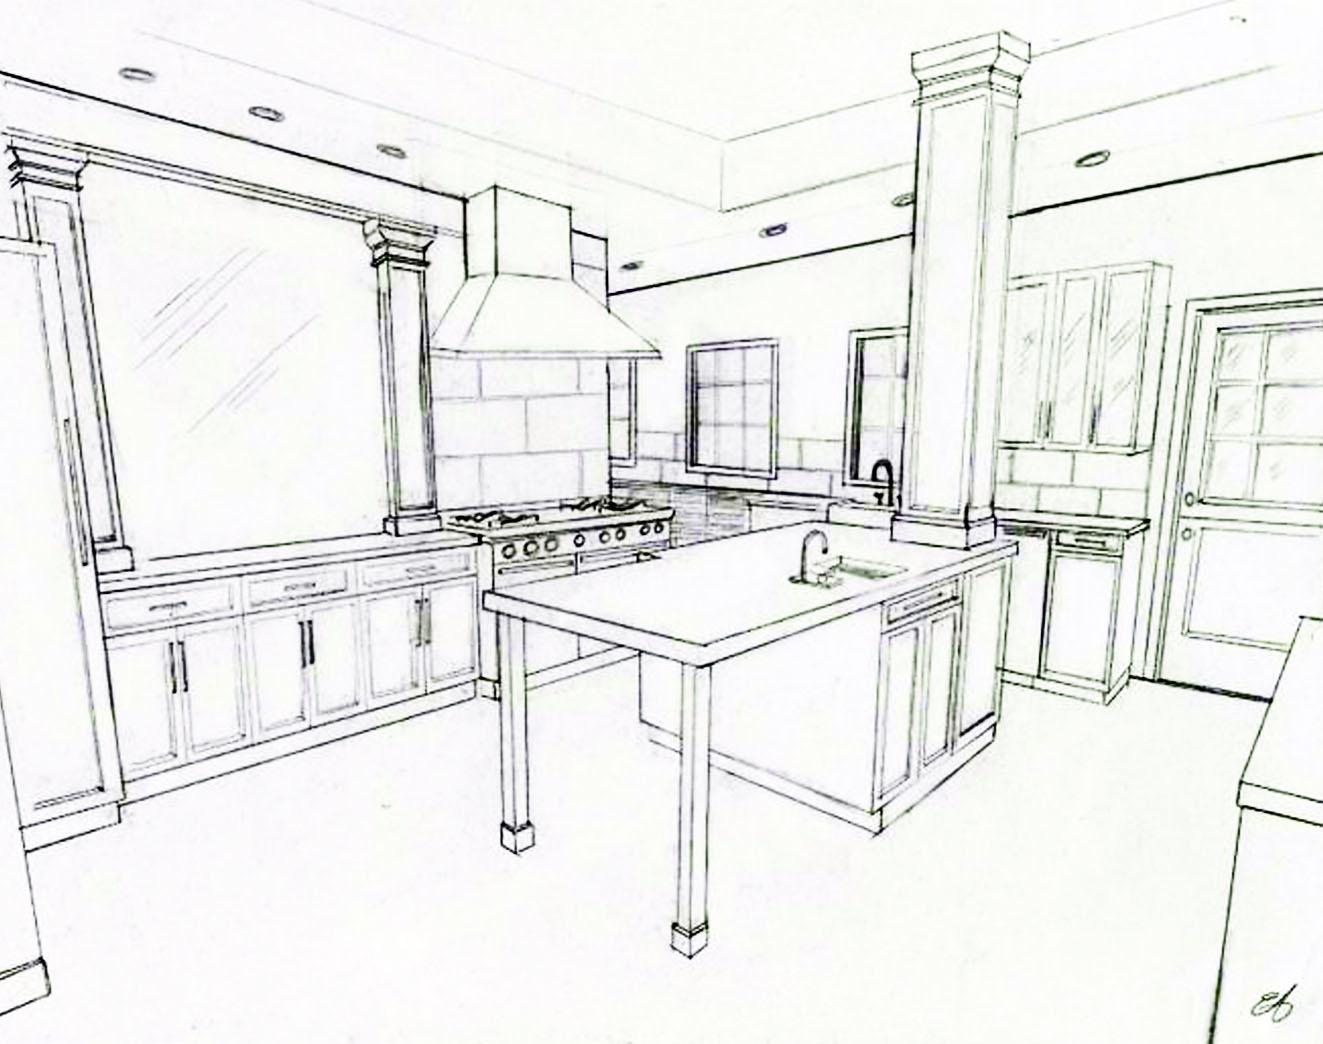 crowell Kitchen.jpg